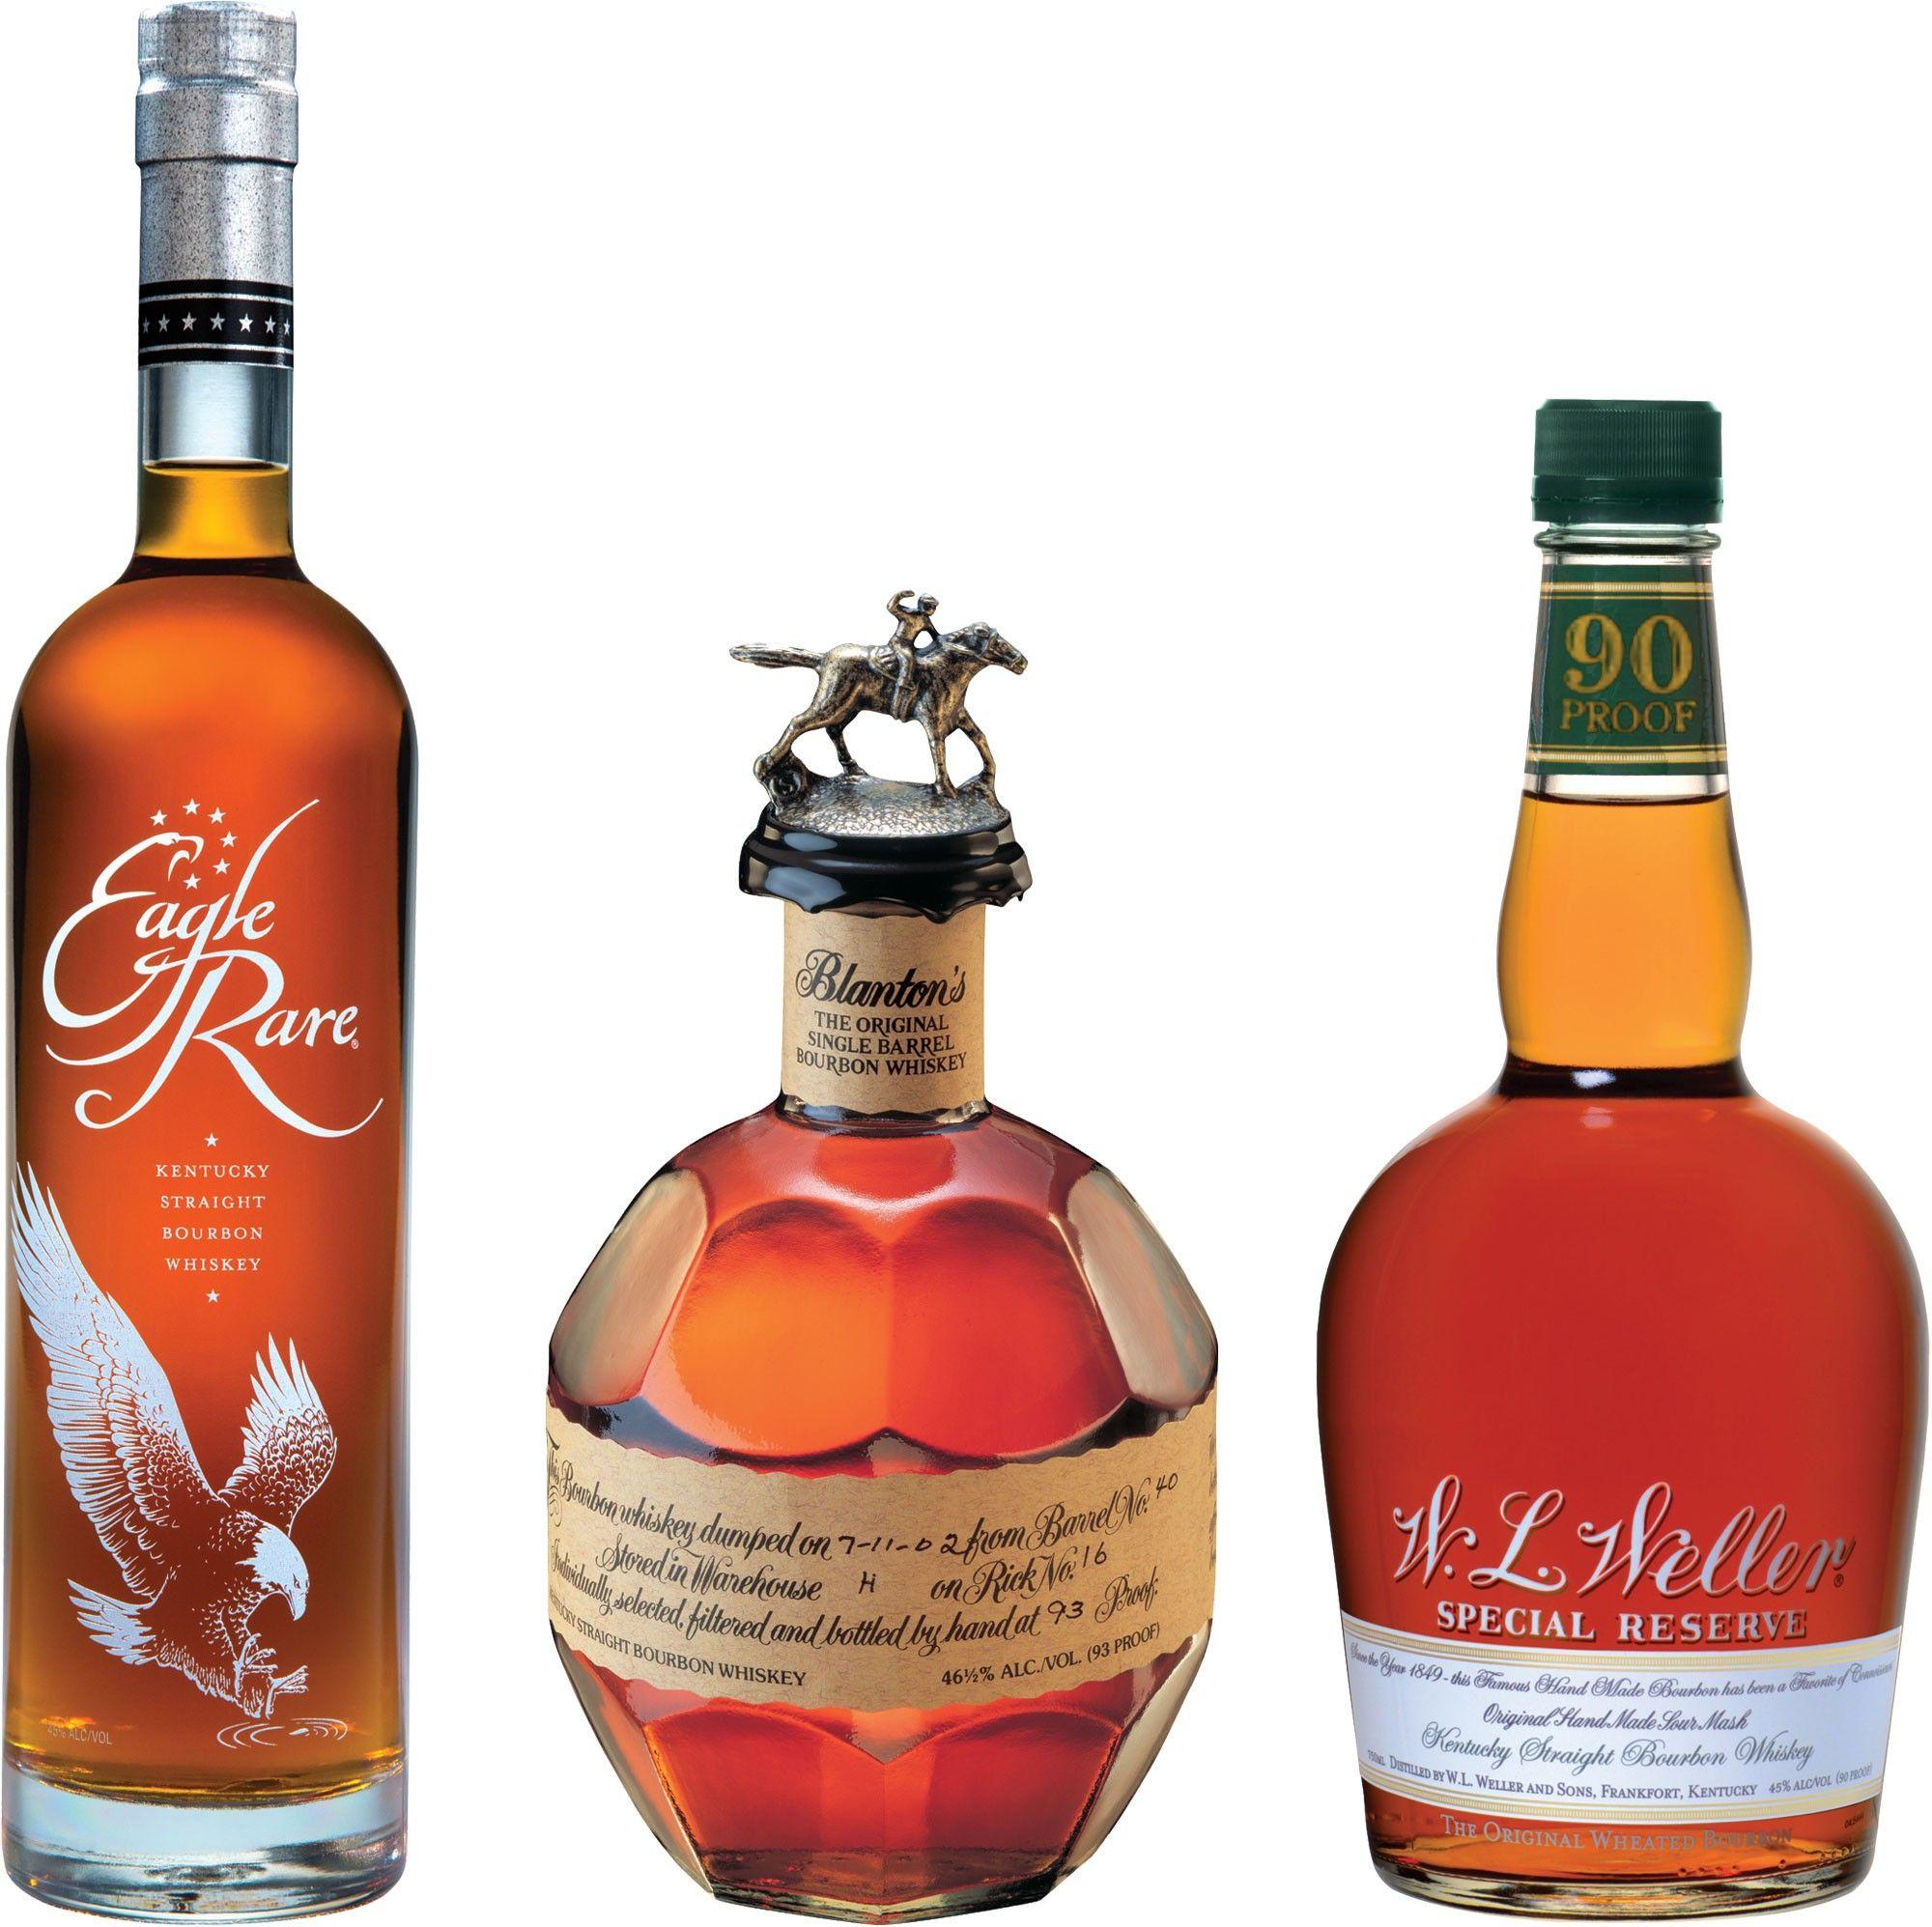 Caskers Selection Blanton S Eagle Rare Weller Special Reserve Bourbon Set Caskers Exclusive Single Barrels Bourbon Wine Bottle Bottle